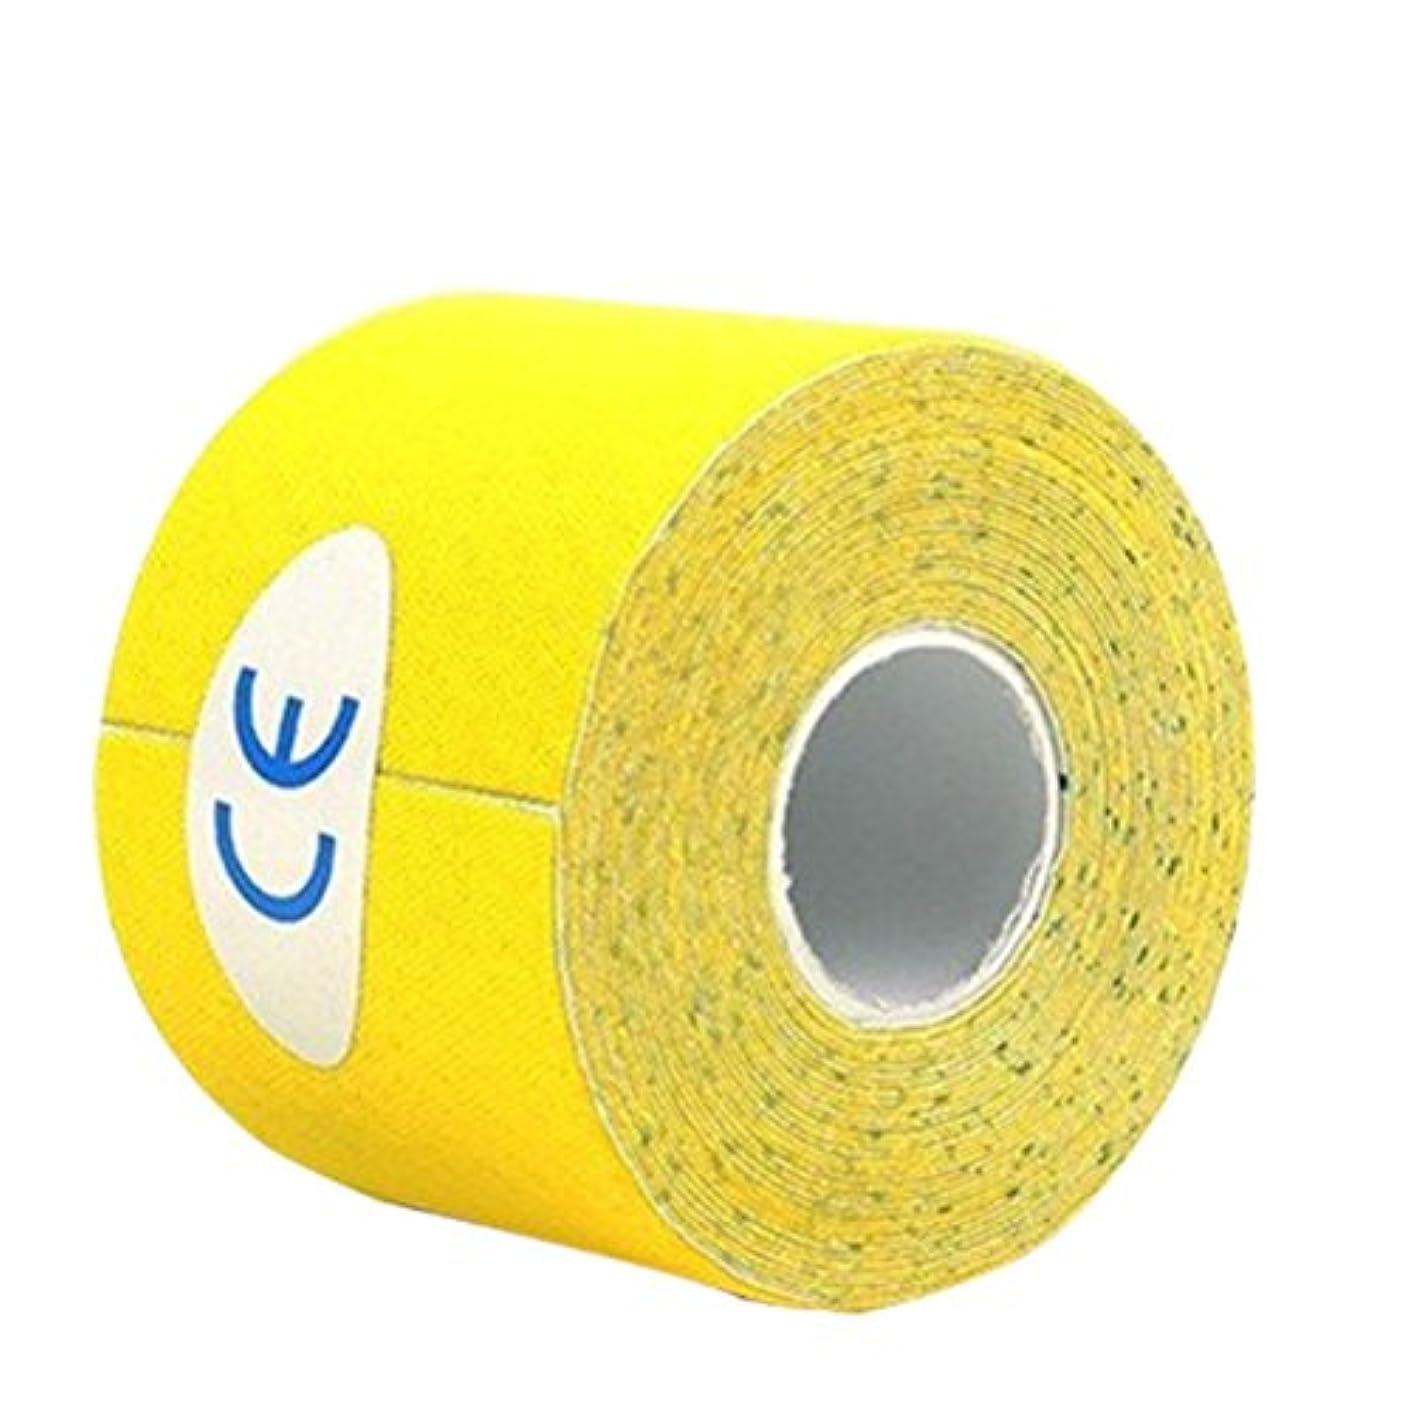 寝てるアクセスできないナイロンROSENICE キネシオロジーテープセットセラピースポーツフィジオセラピー500x2.5cm(イエロー)